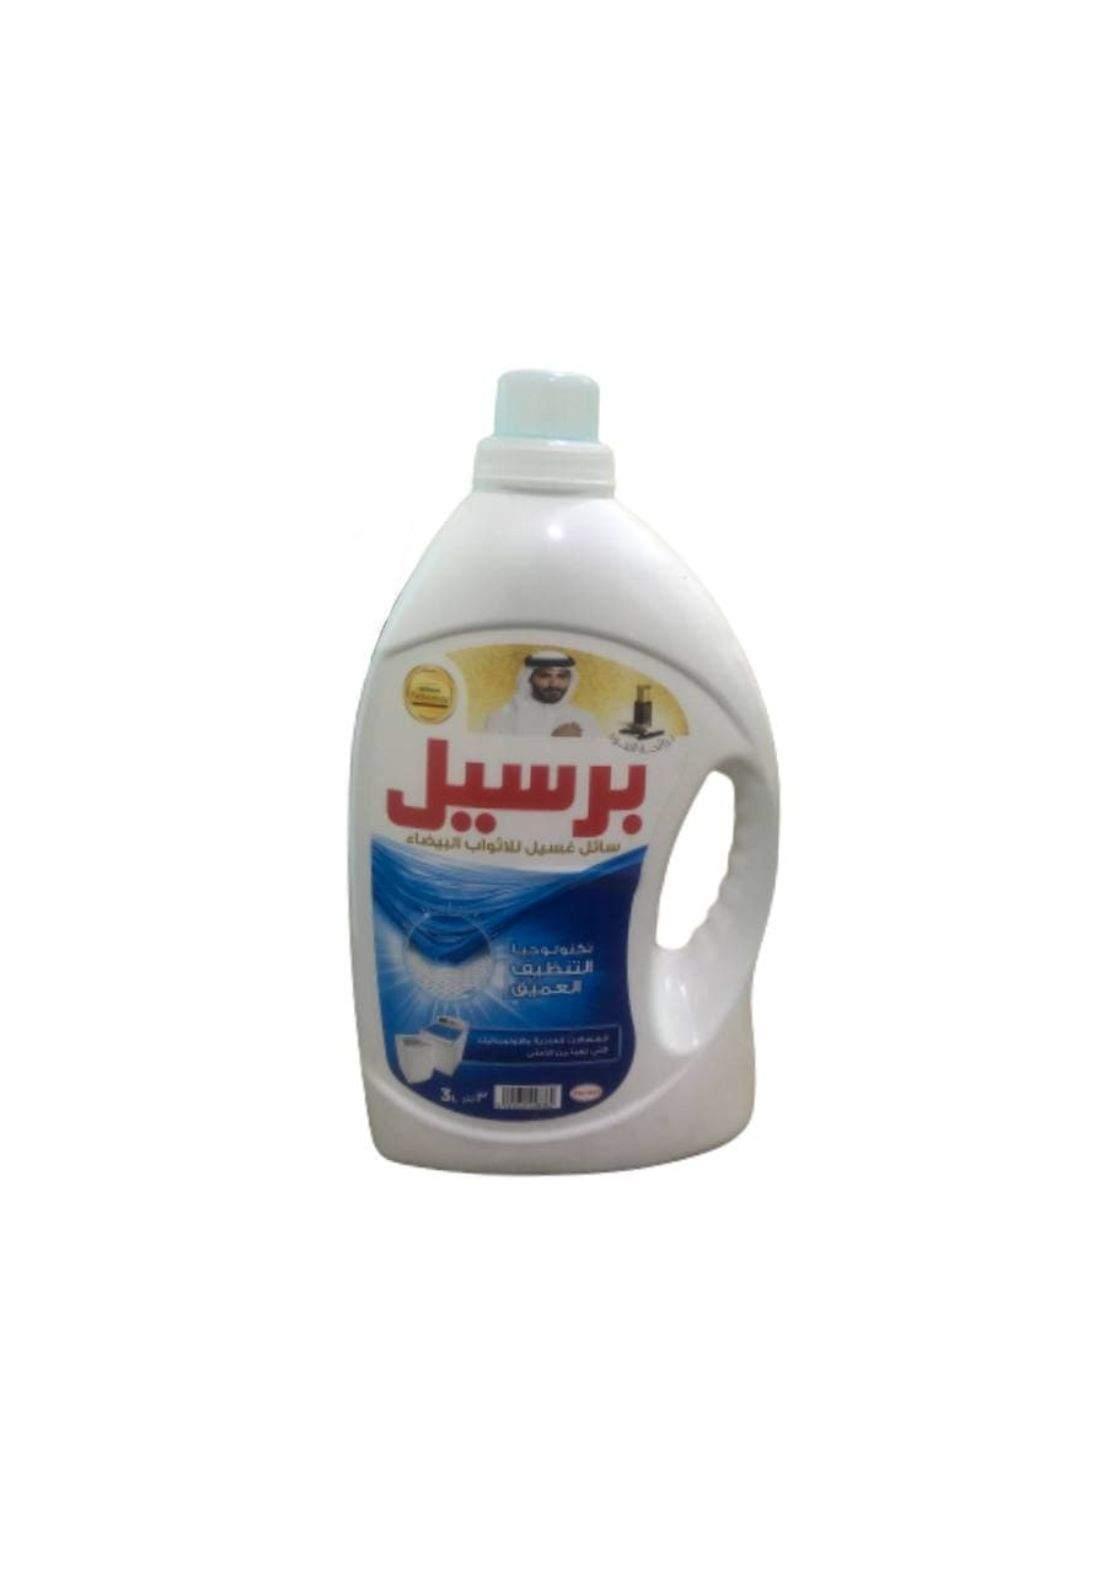 Persil white clothes detergent 3L برسيل منظف للملابس البيضاء